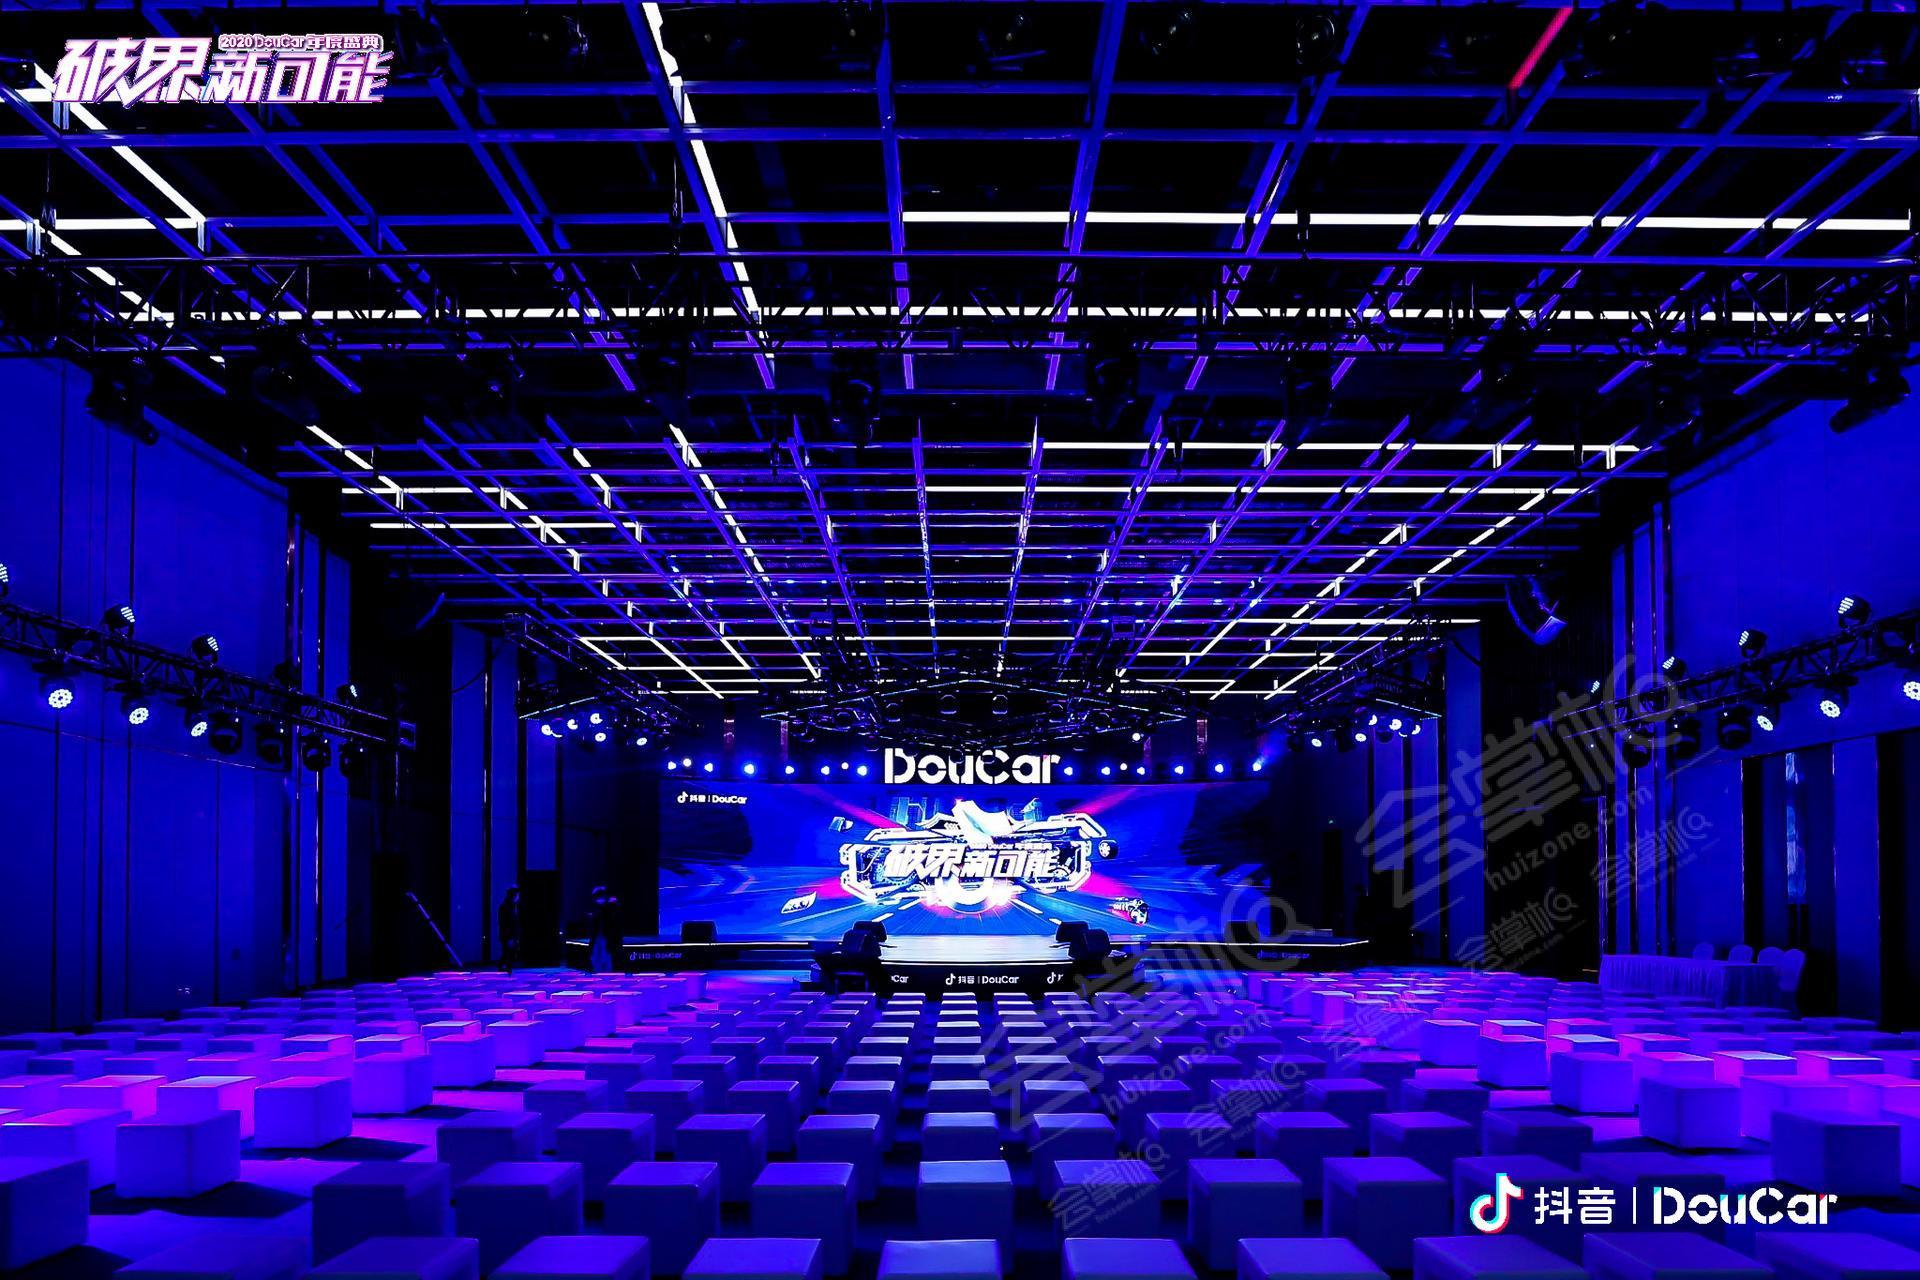 北京嘉瑞文化中心动态:破界新可能-2020 DouCar 年度盛典在北京市嘉瑞文化